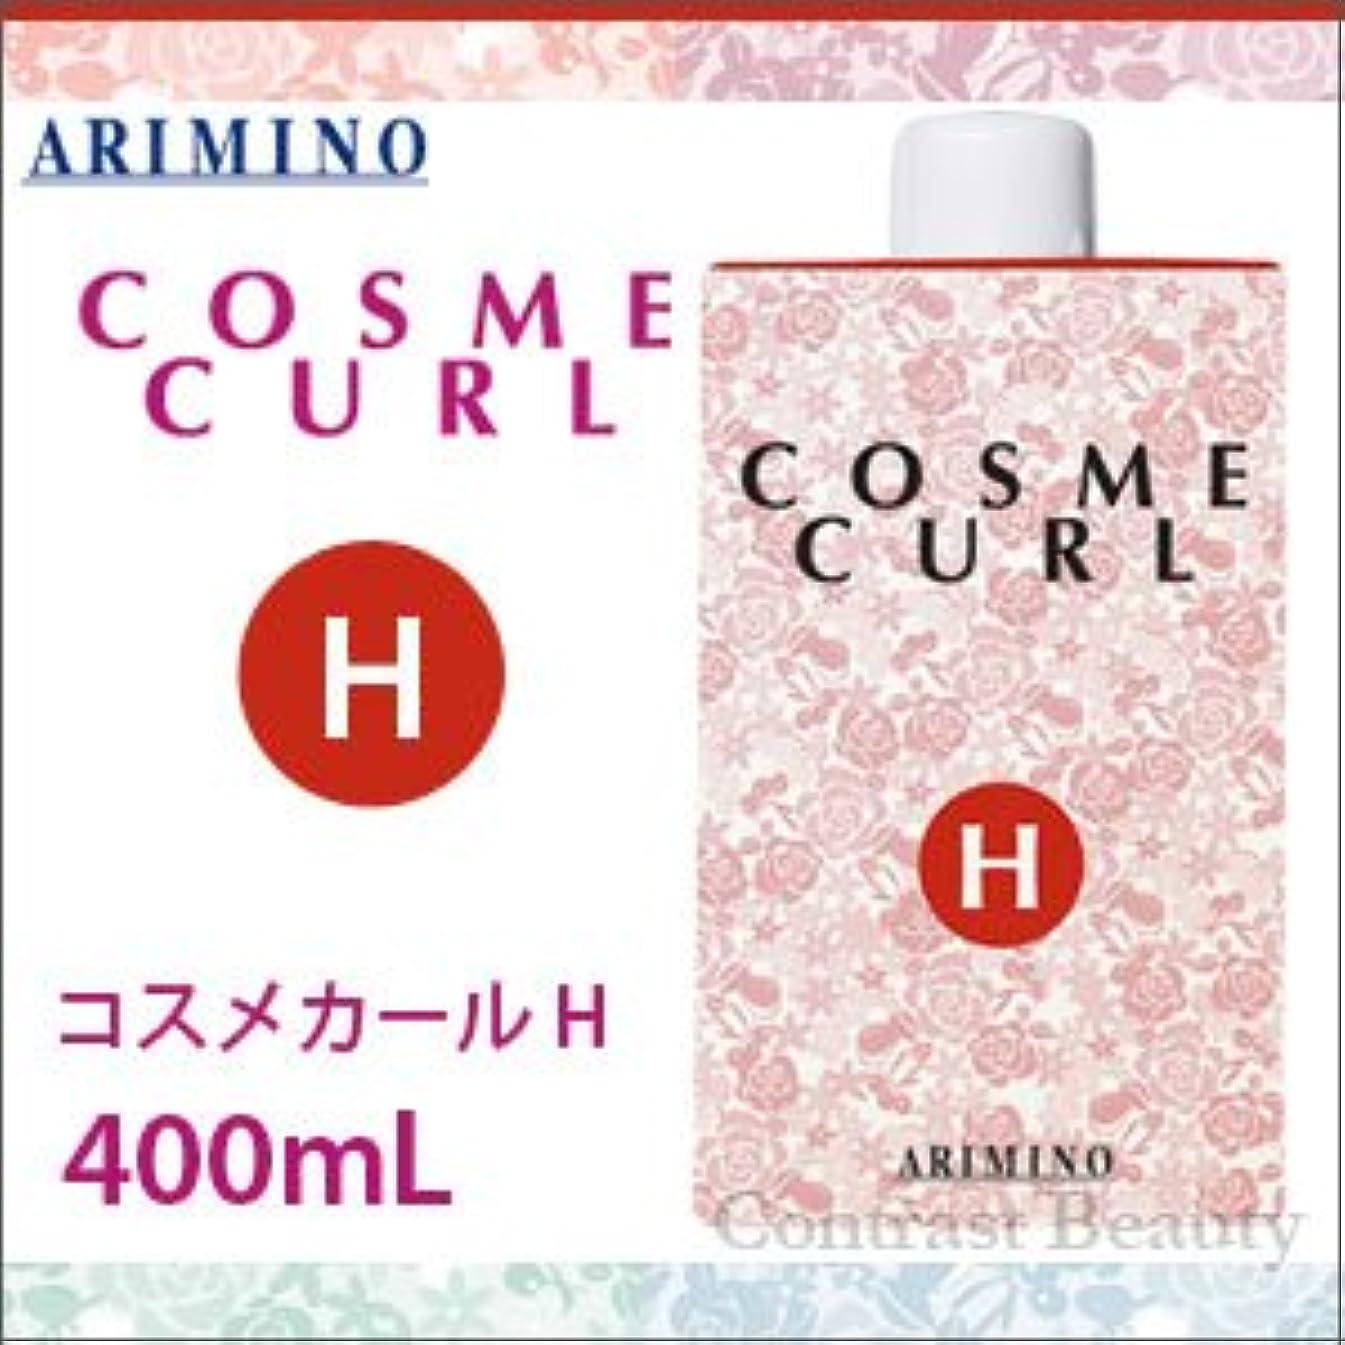 膜ご飯死の顎アリミノ コスメカール H 400ml